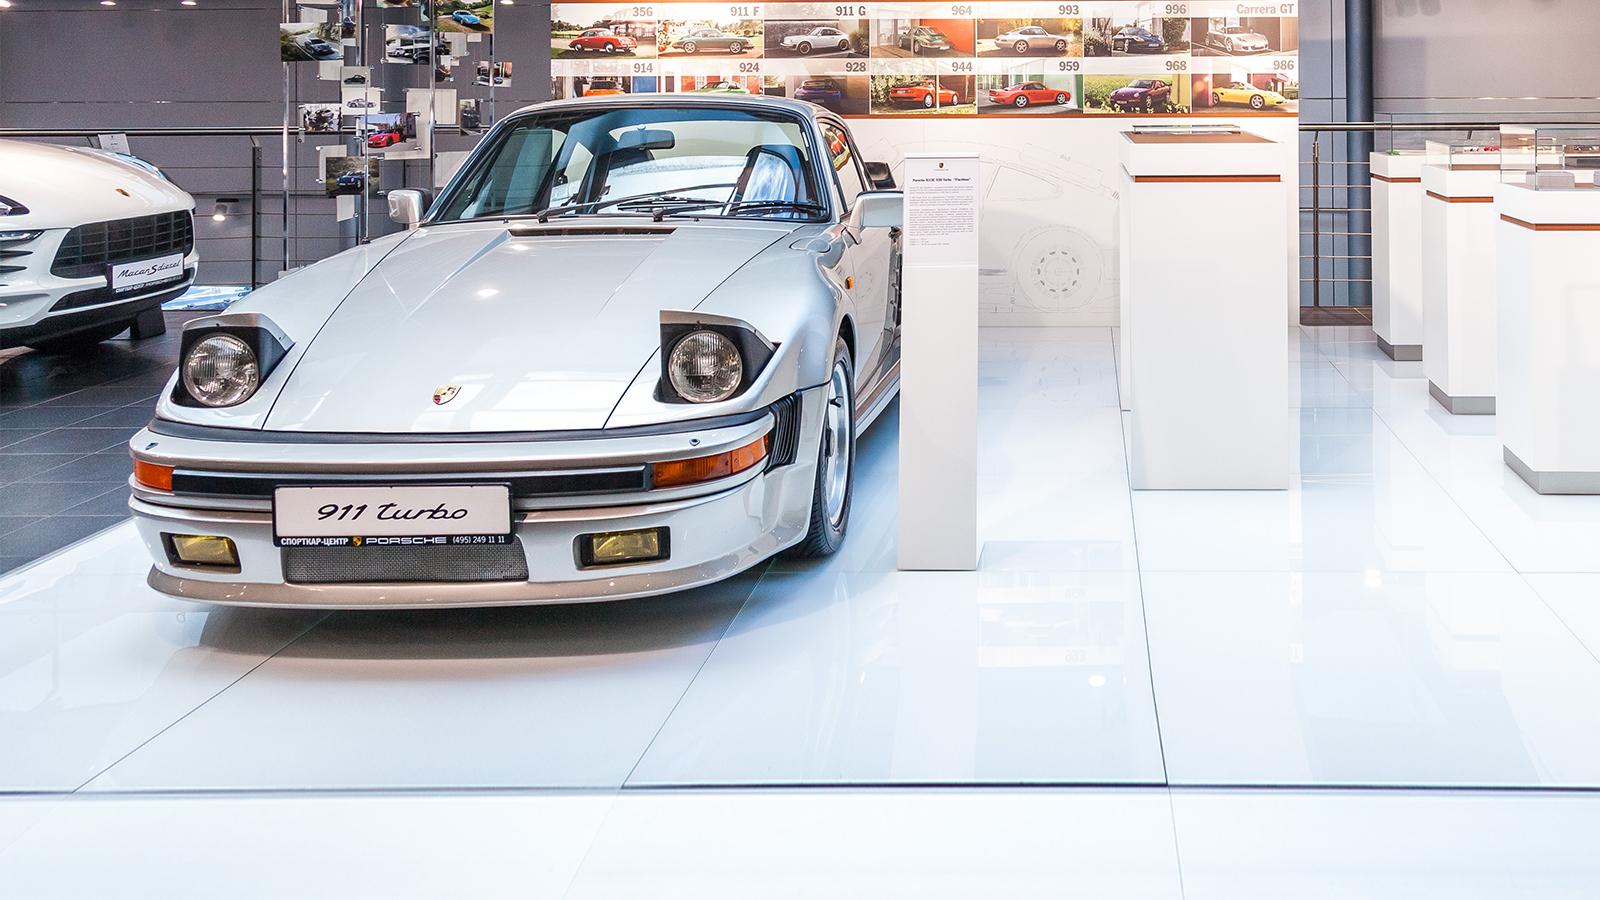 Porsche - Sportcar-Center Moscow